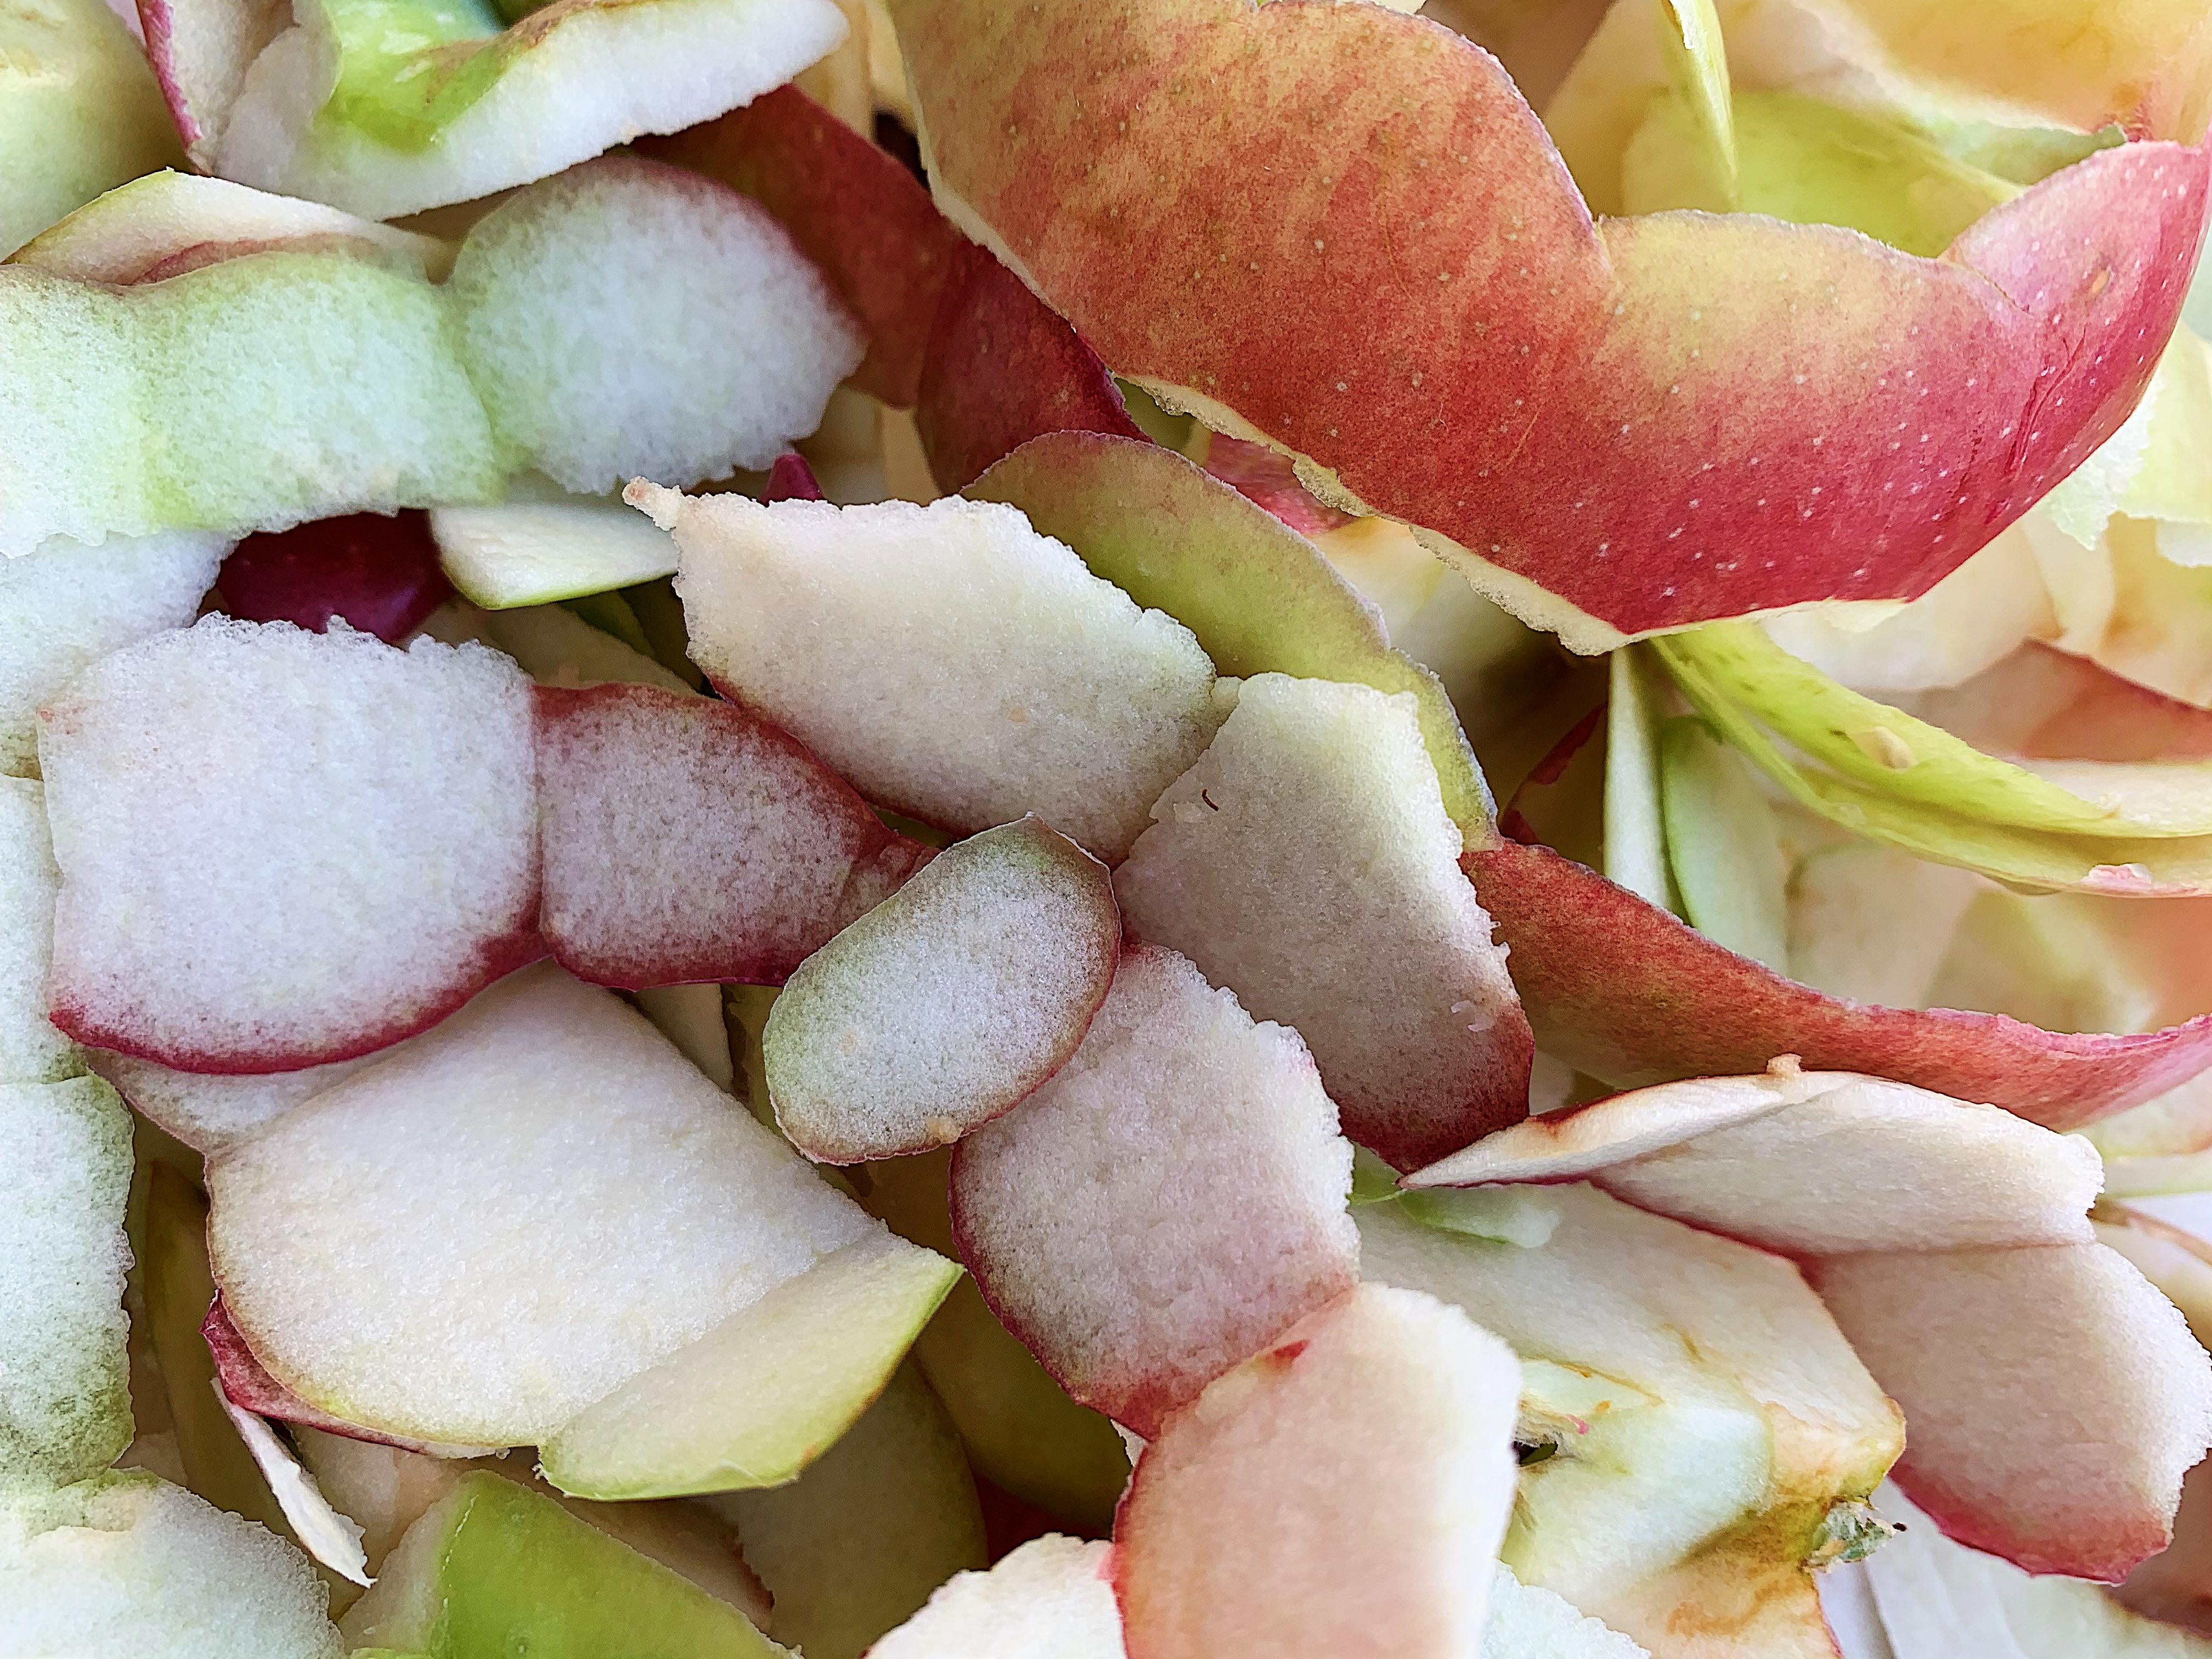 Grandma's Baked Apples